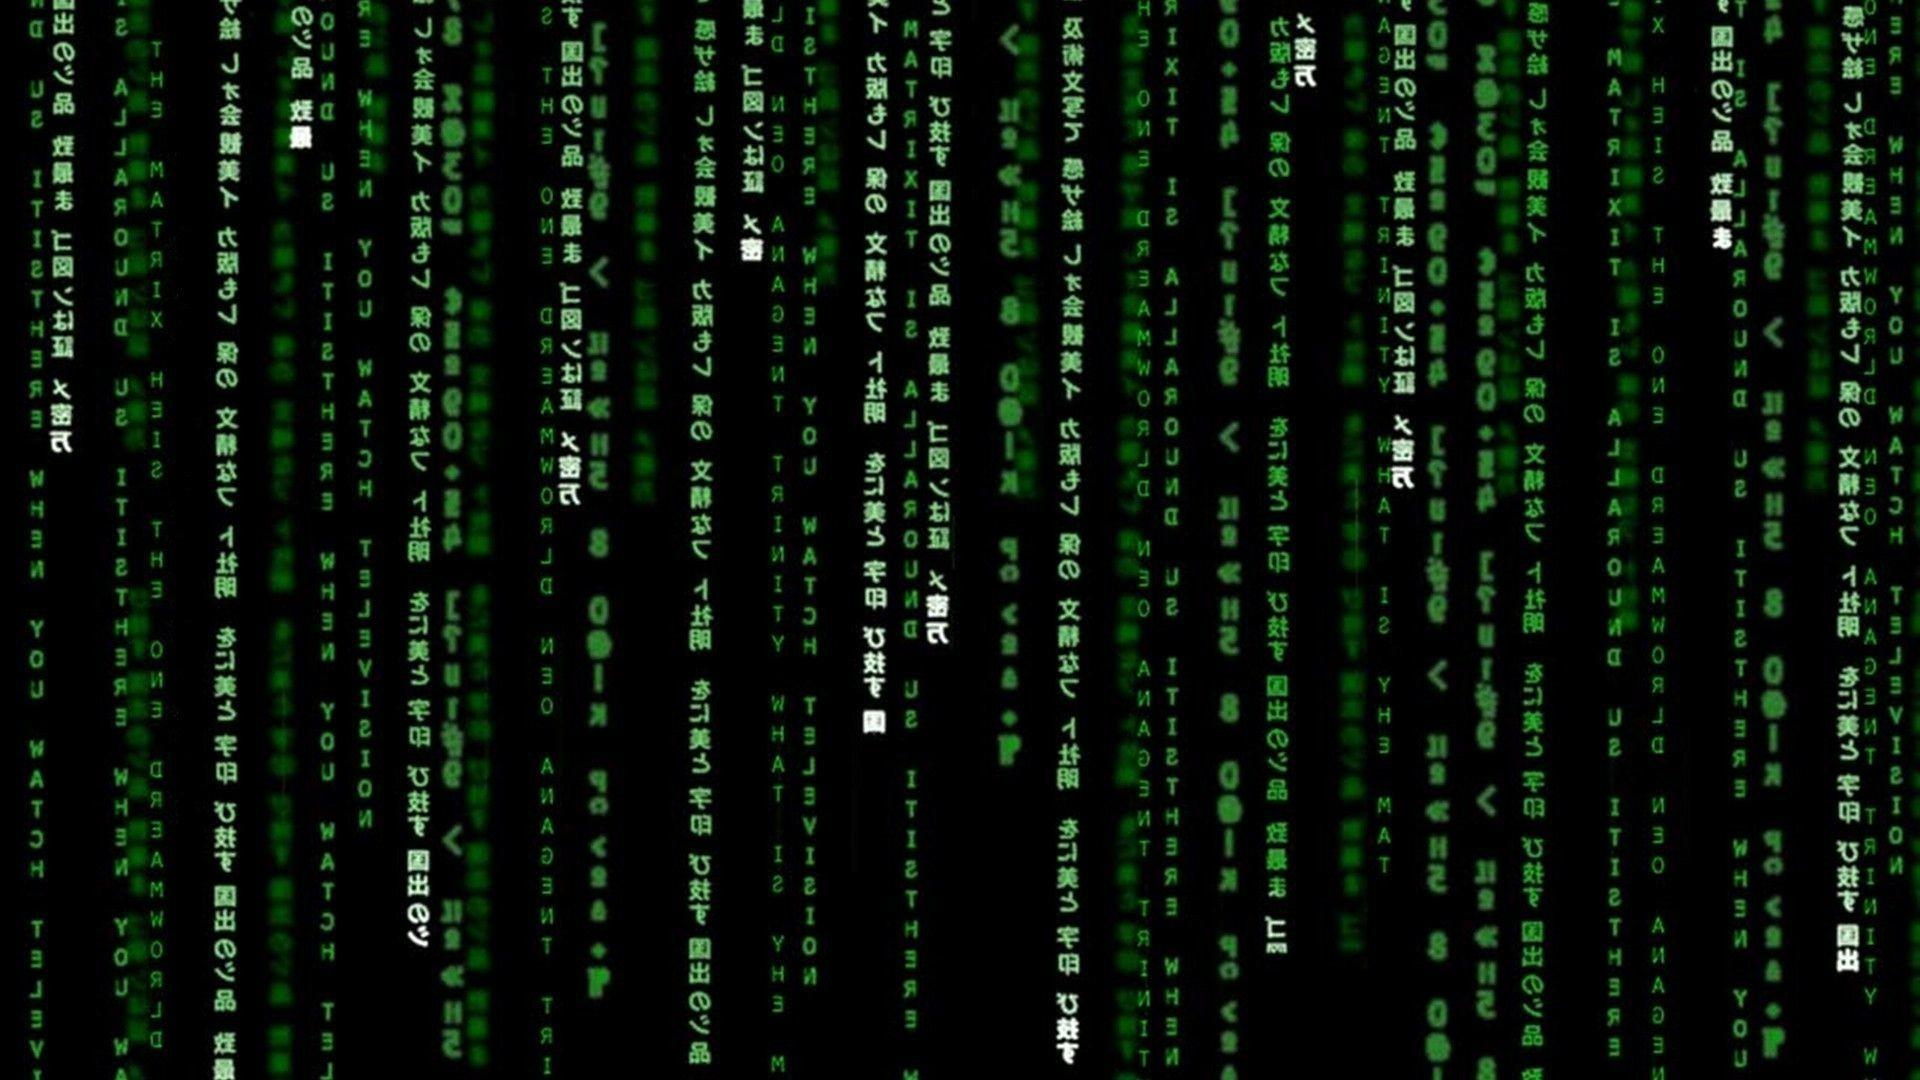 Matrix Falling Code Live Wallpaper Matrix Code Wallpaper Hd 65 Images